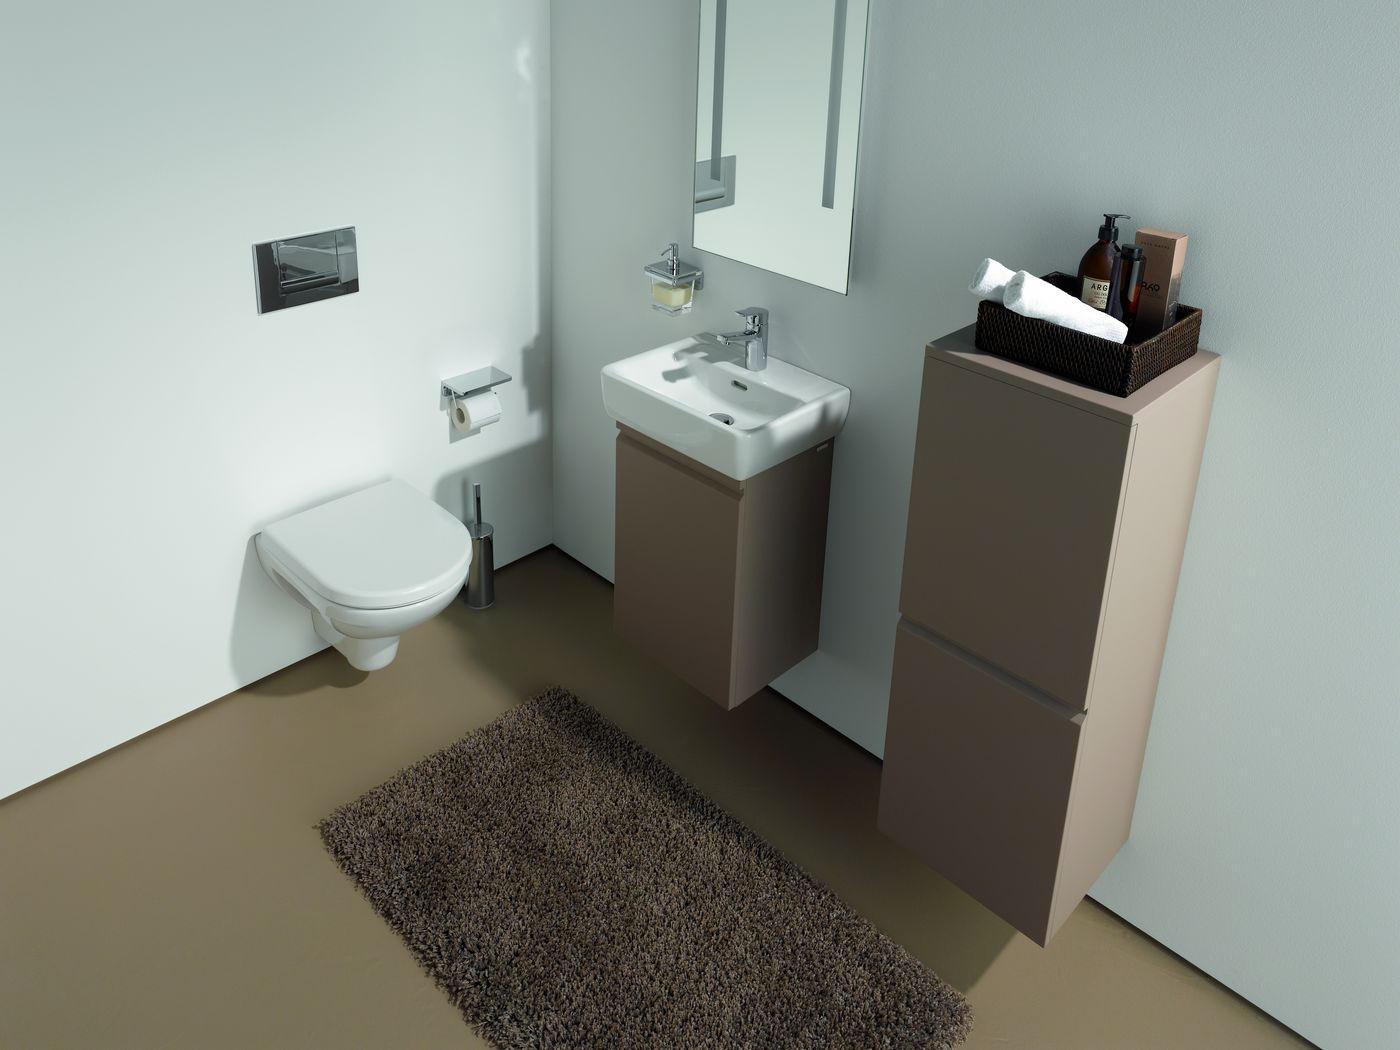 Laufen pro meuble sous lavabo meubles sous lavabo de for Meuble laufen pro s